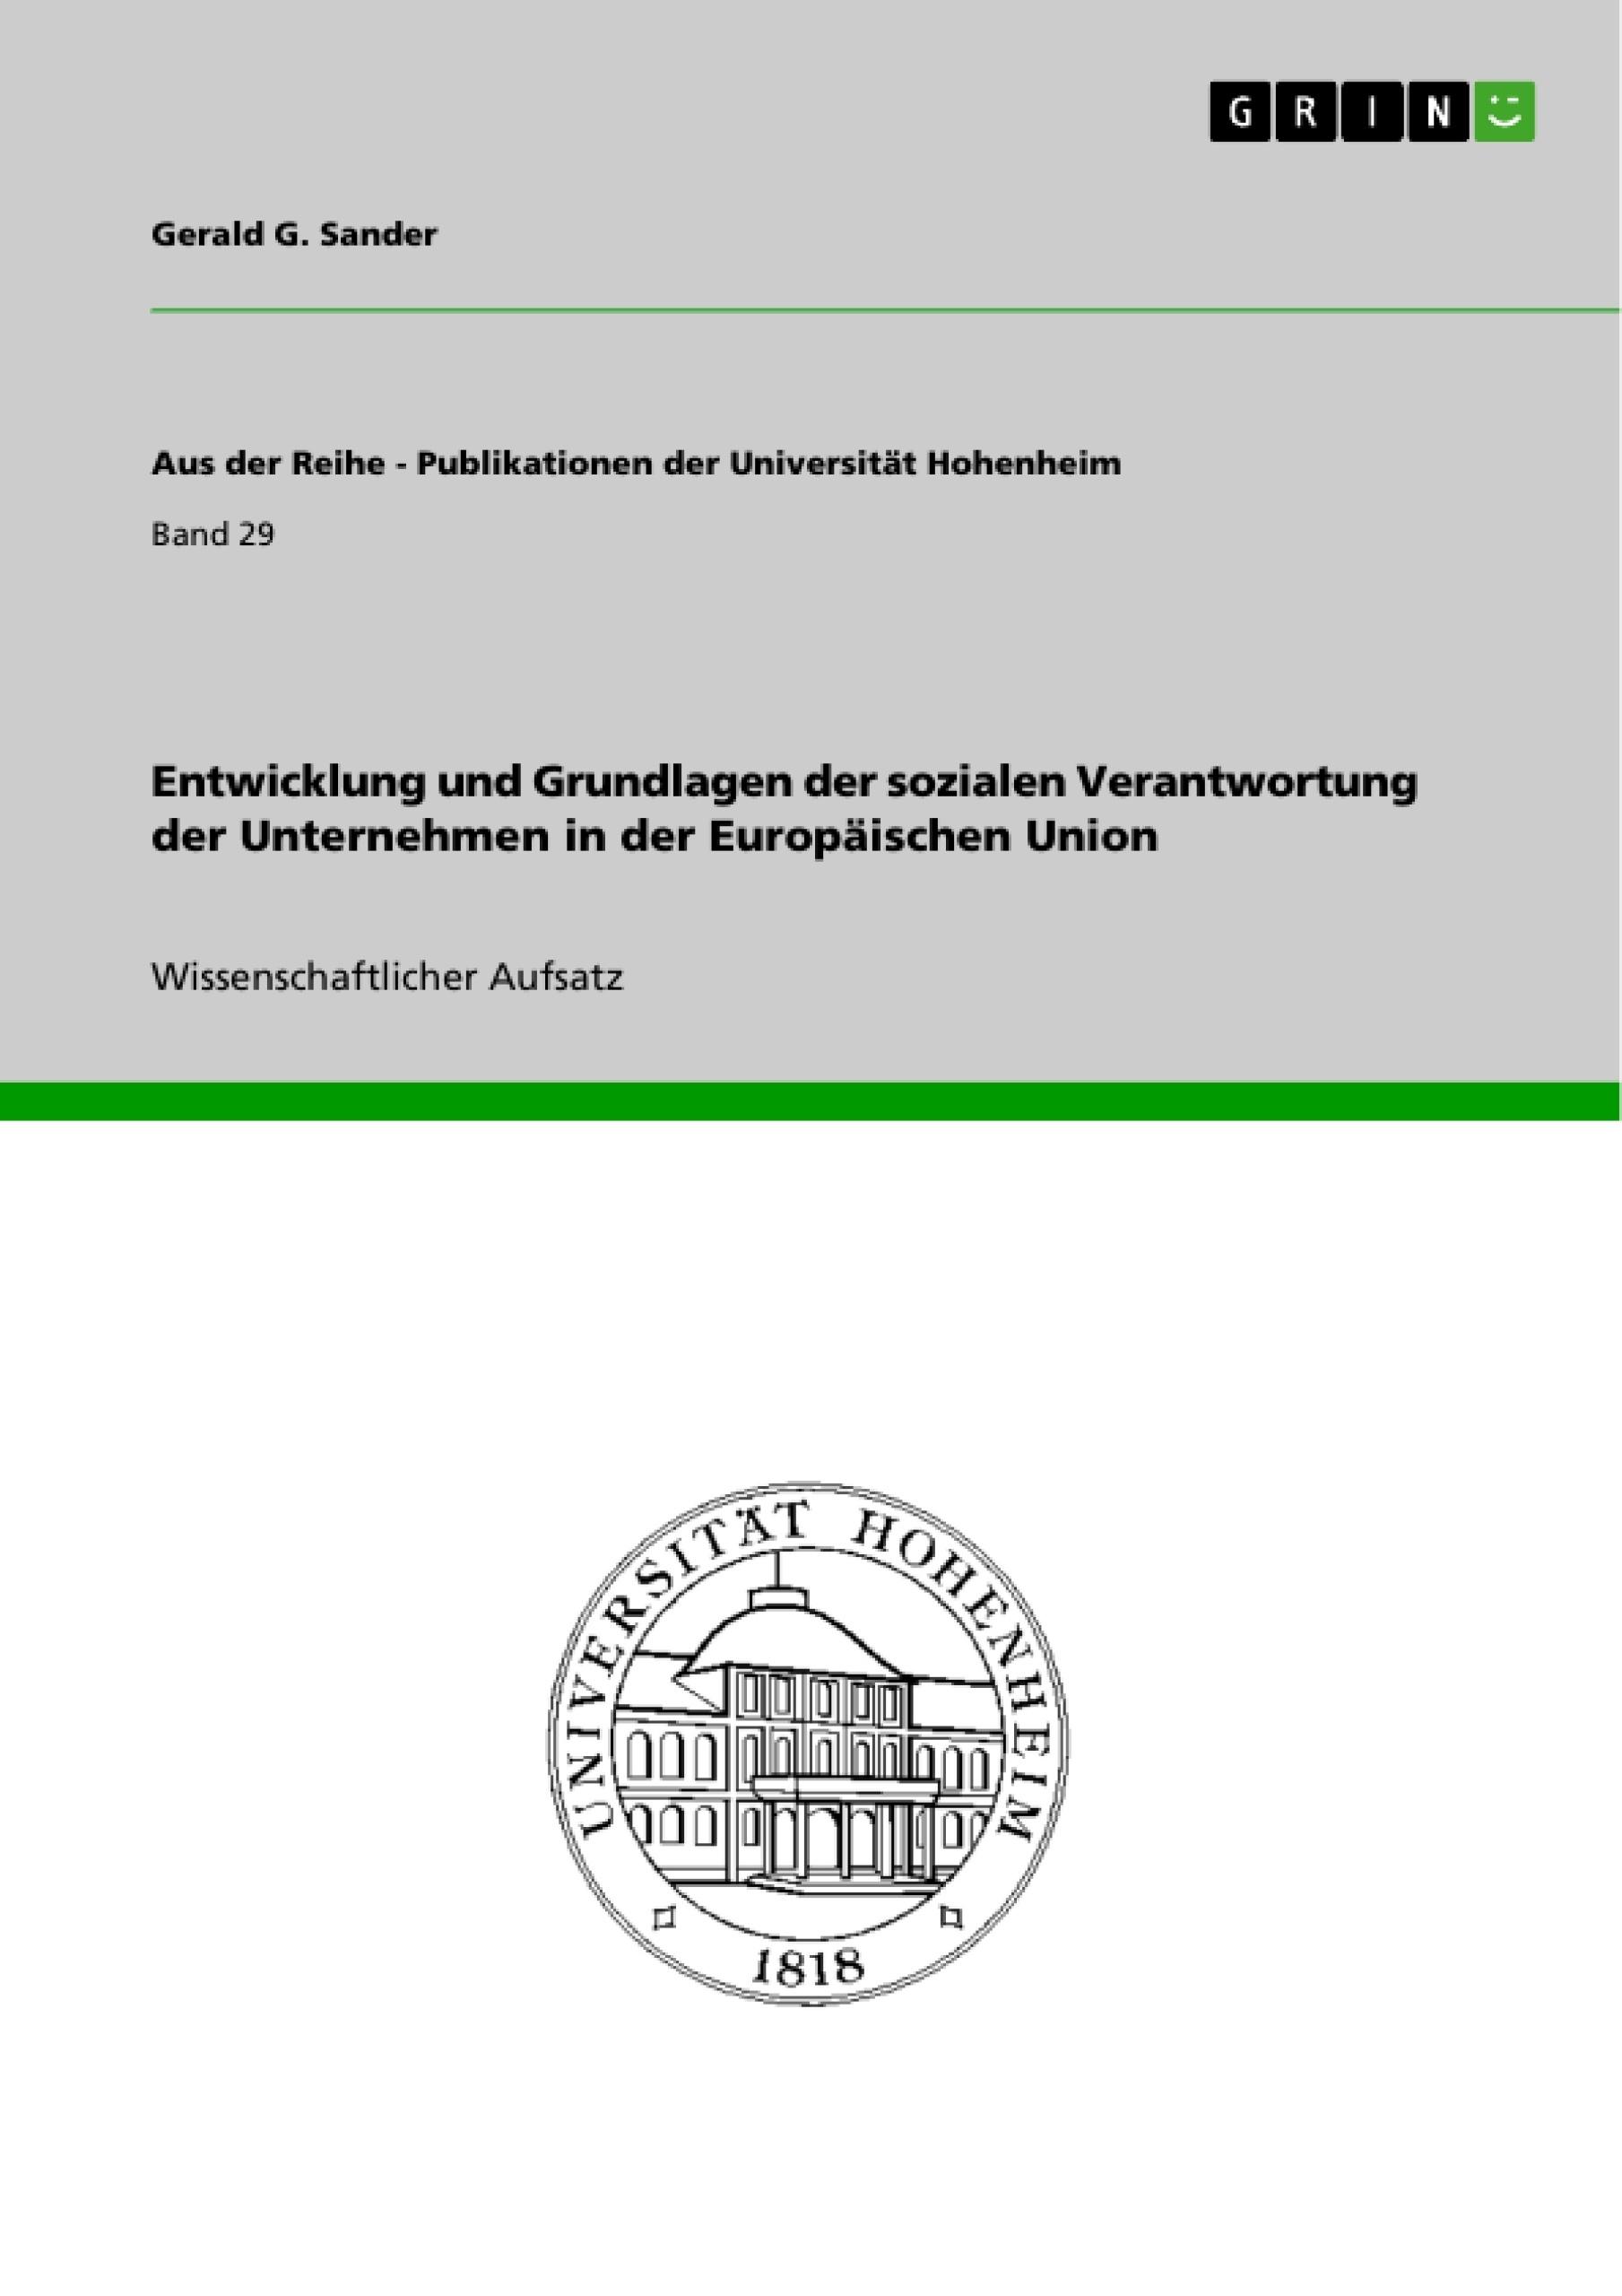 Titel: Entwicklung und Grundlagen der sozialen Verantwortung der Unternehmen in der Europäischen Union